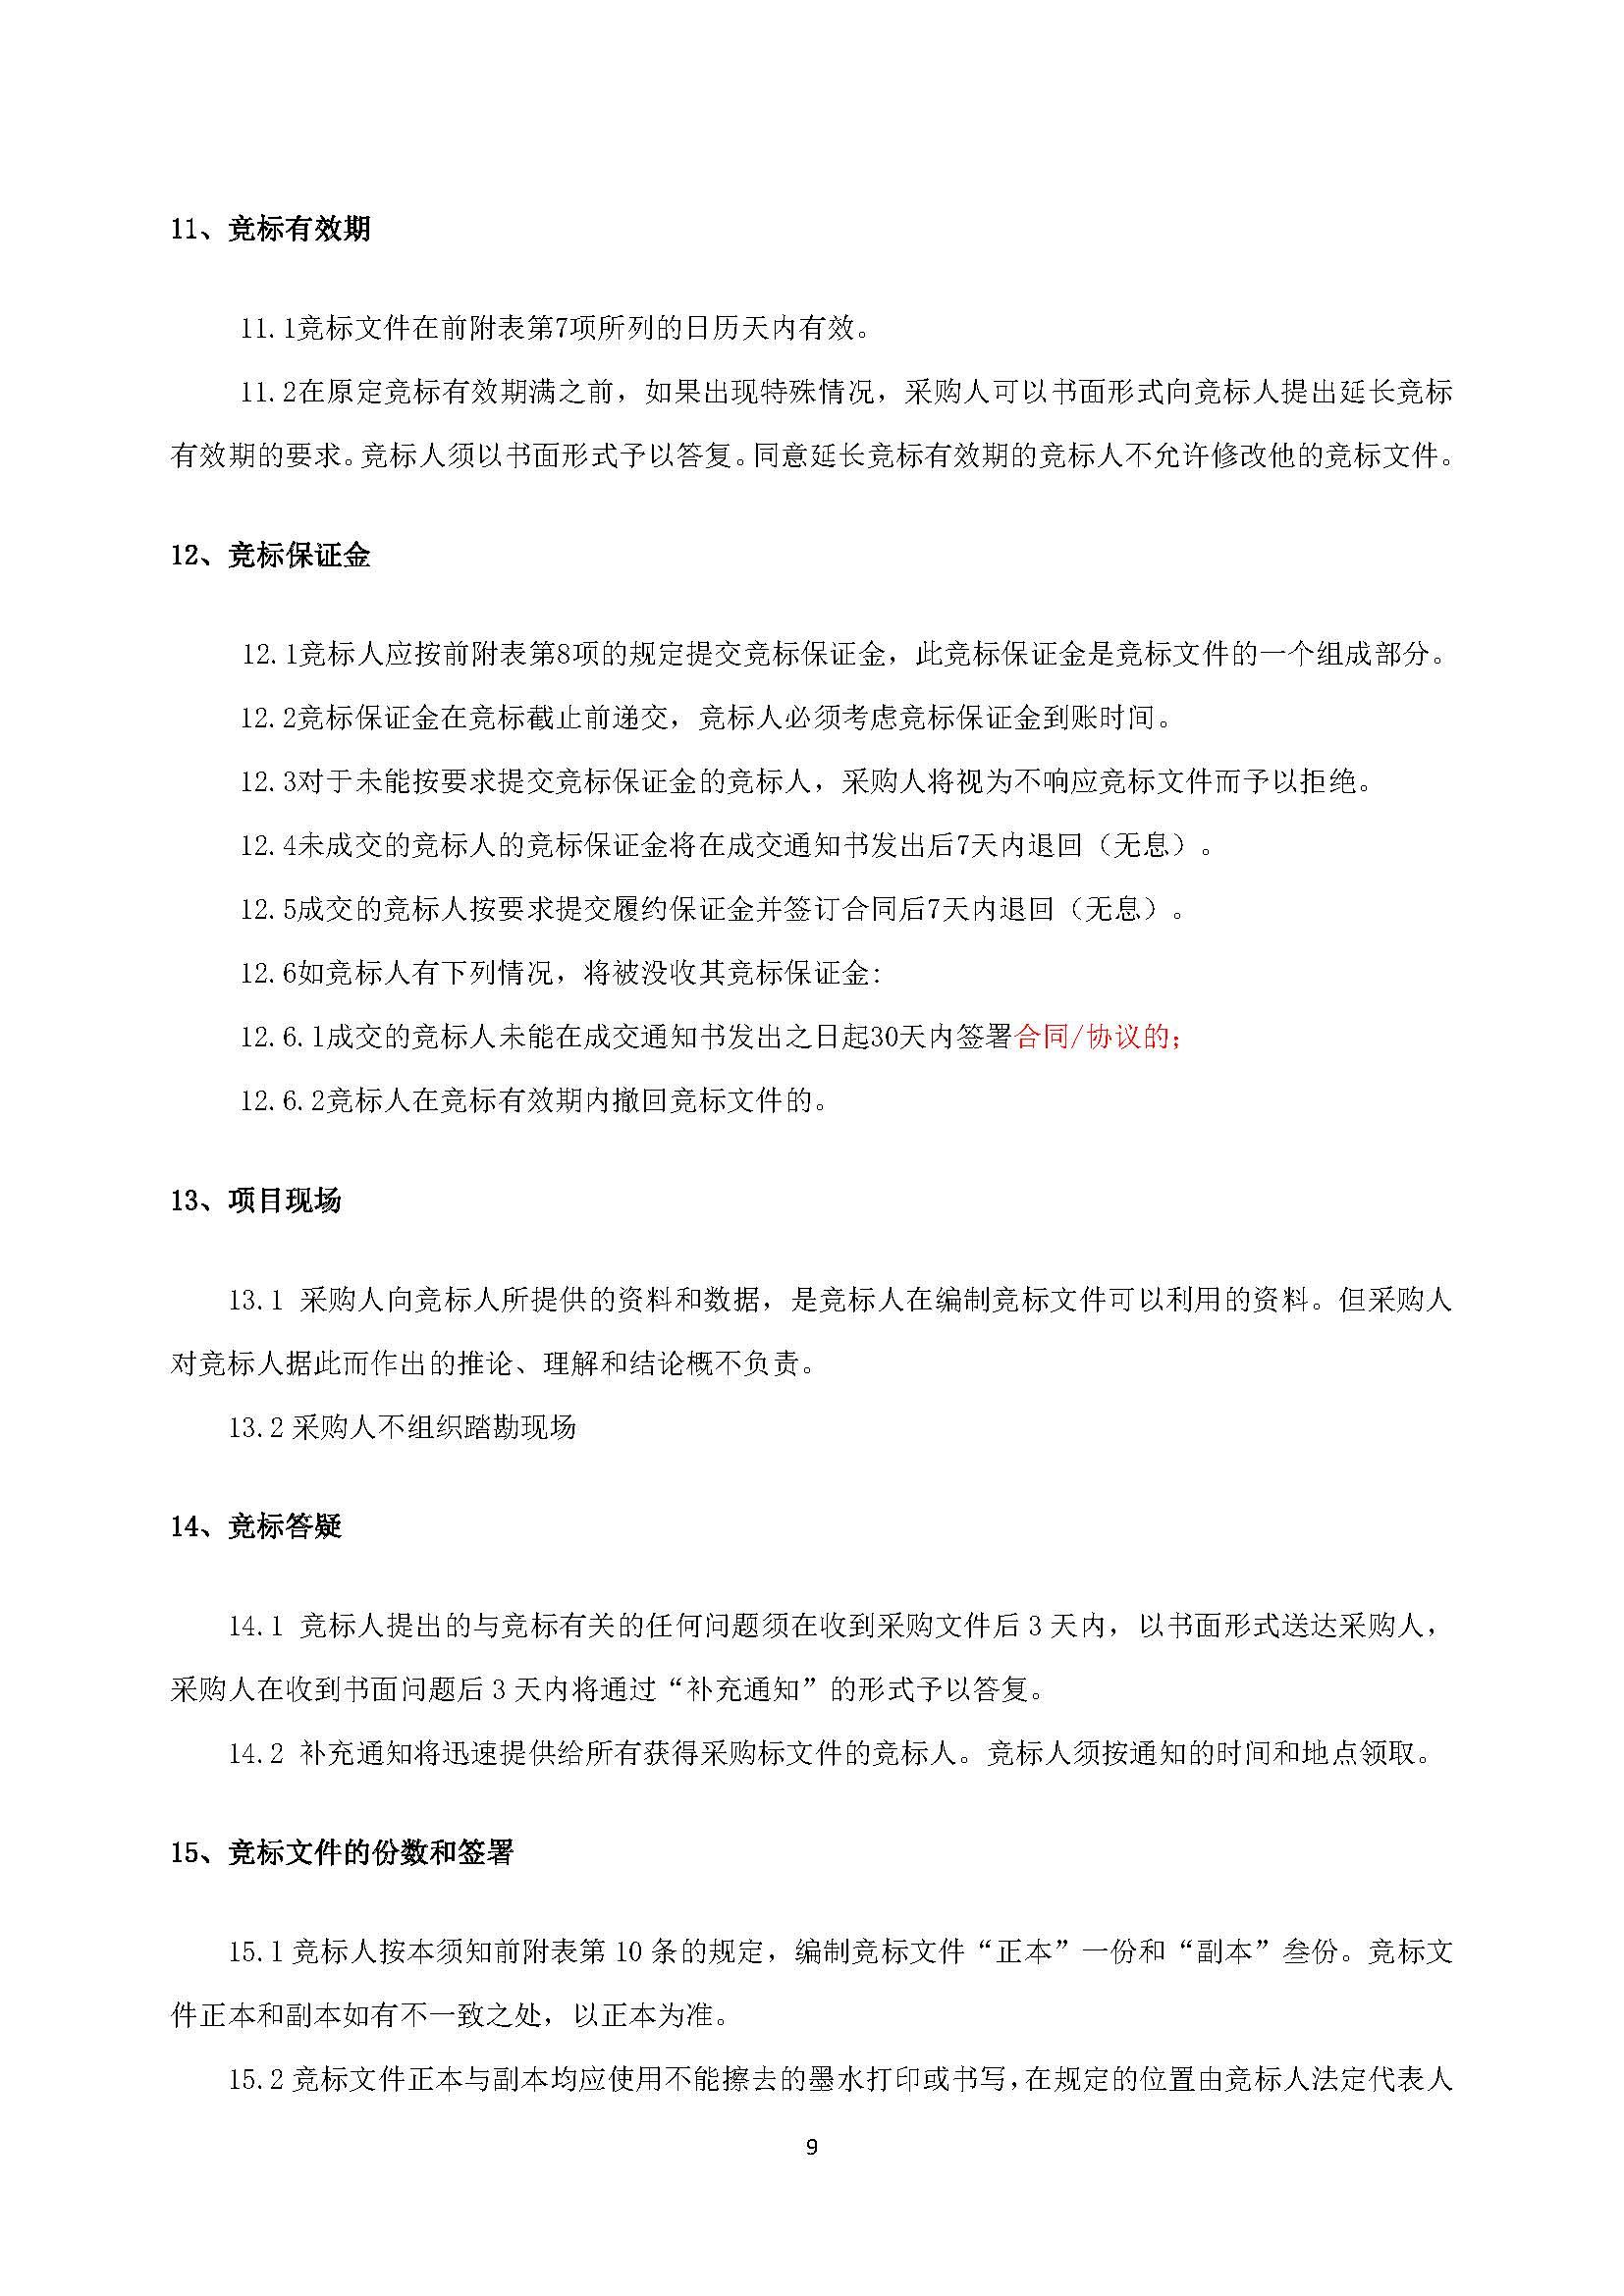 (确定)安徽快三基本走势图市政环卫园林绿化企业一体化面积测绘服务采购 竞争性谈判采购文件20200610(2)_页面_13.jpg